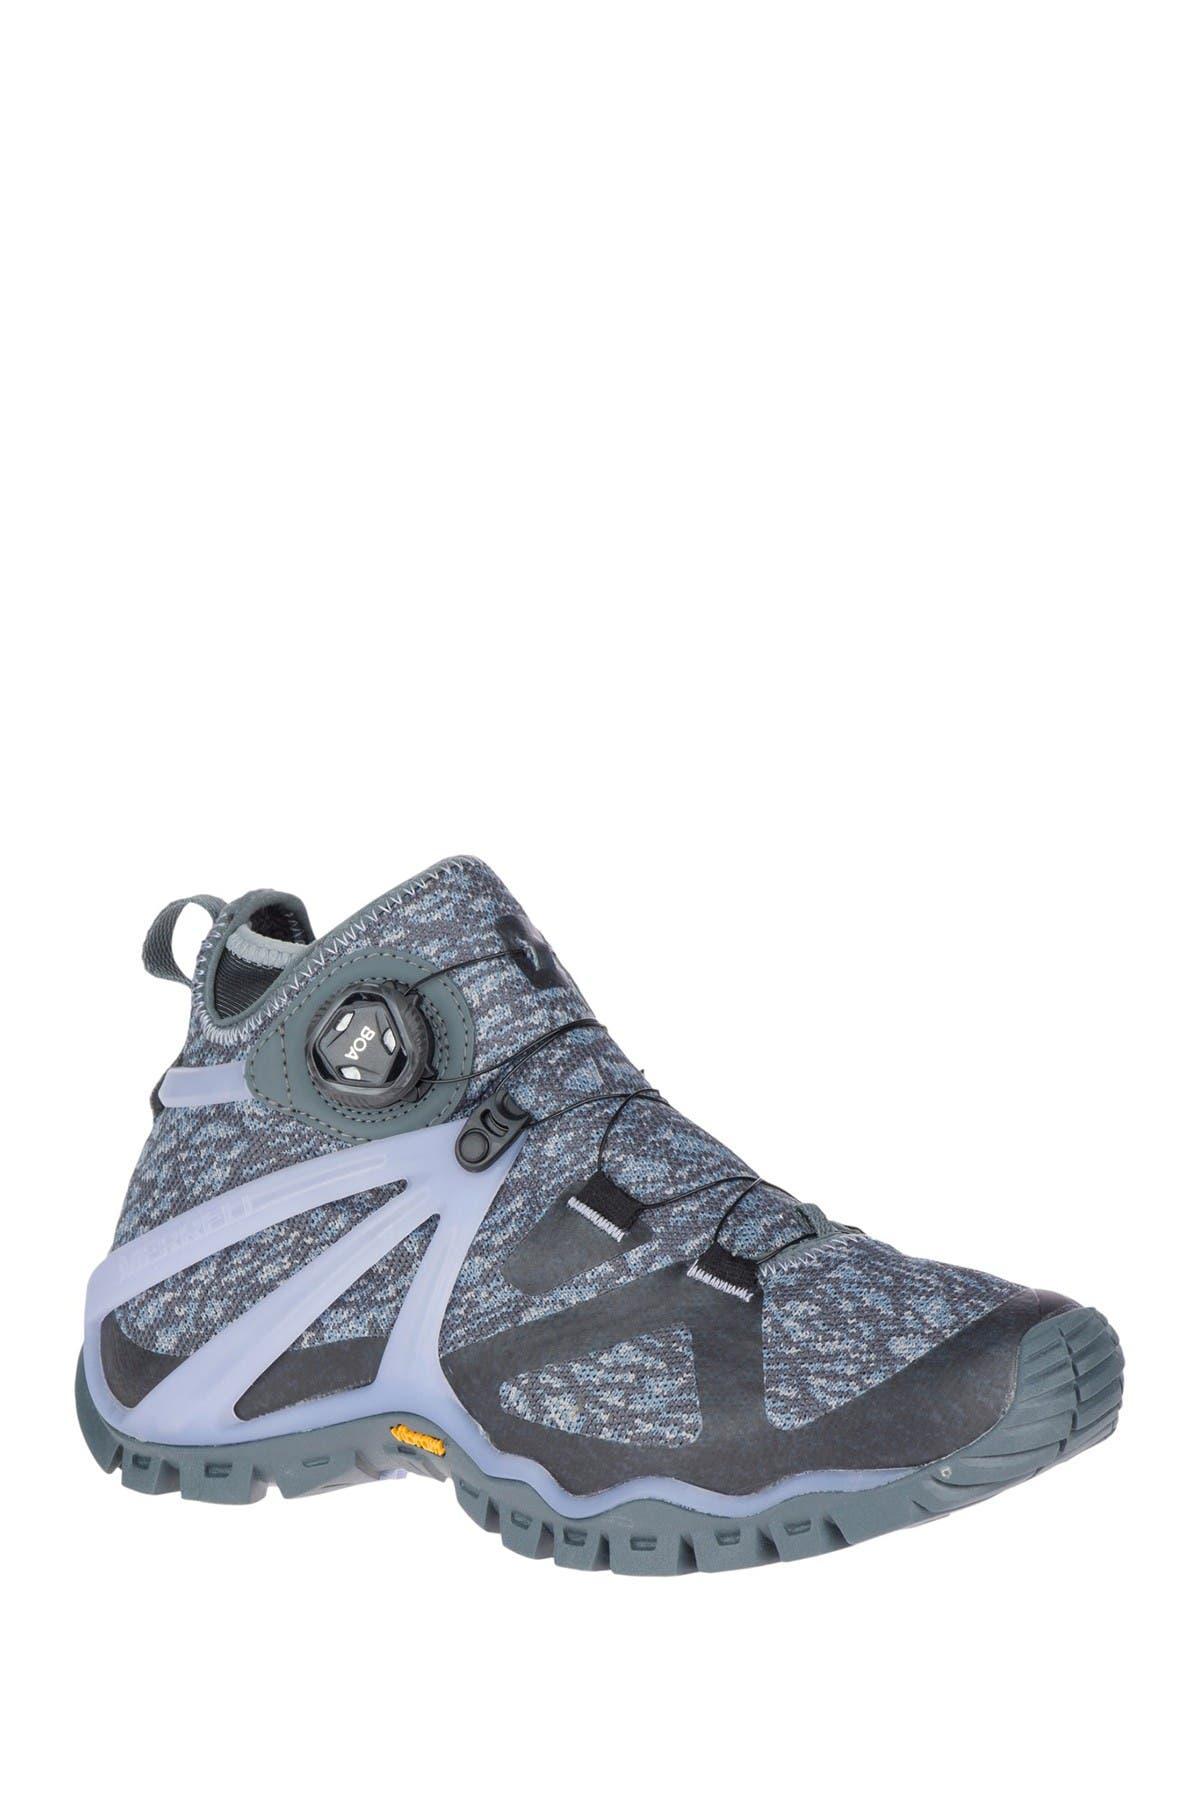 Merrell   Rove Knit High Top Sneaker